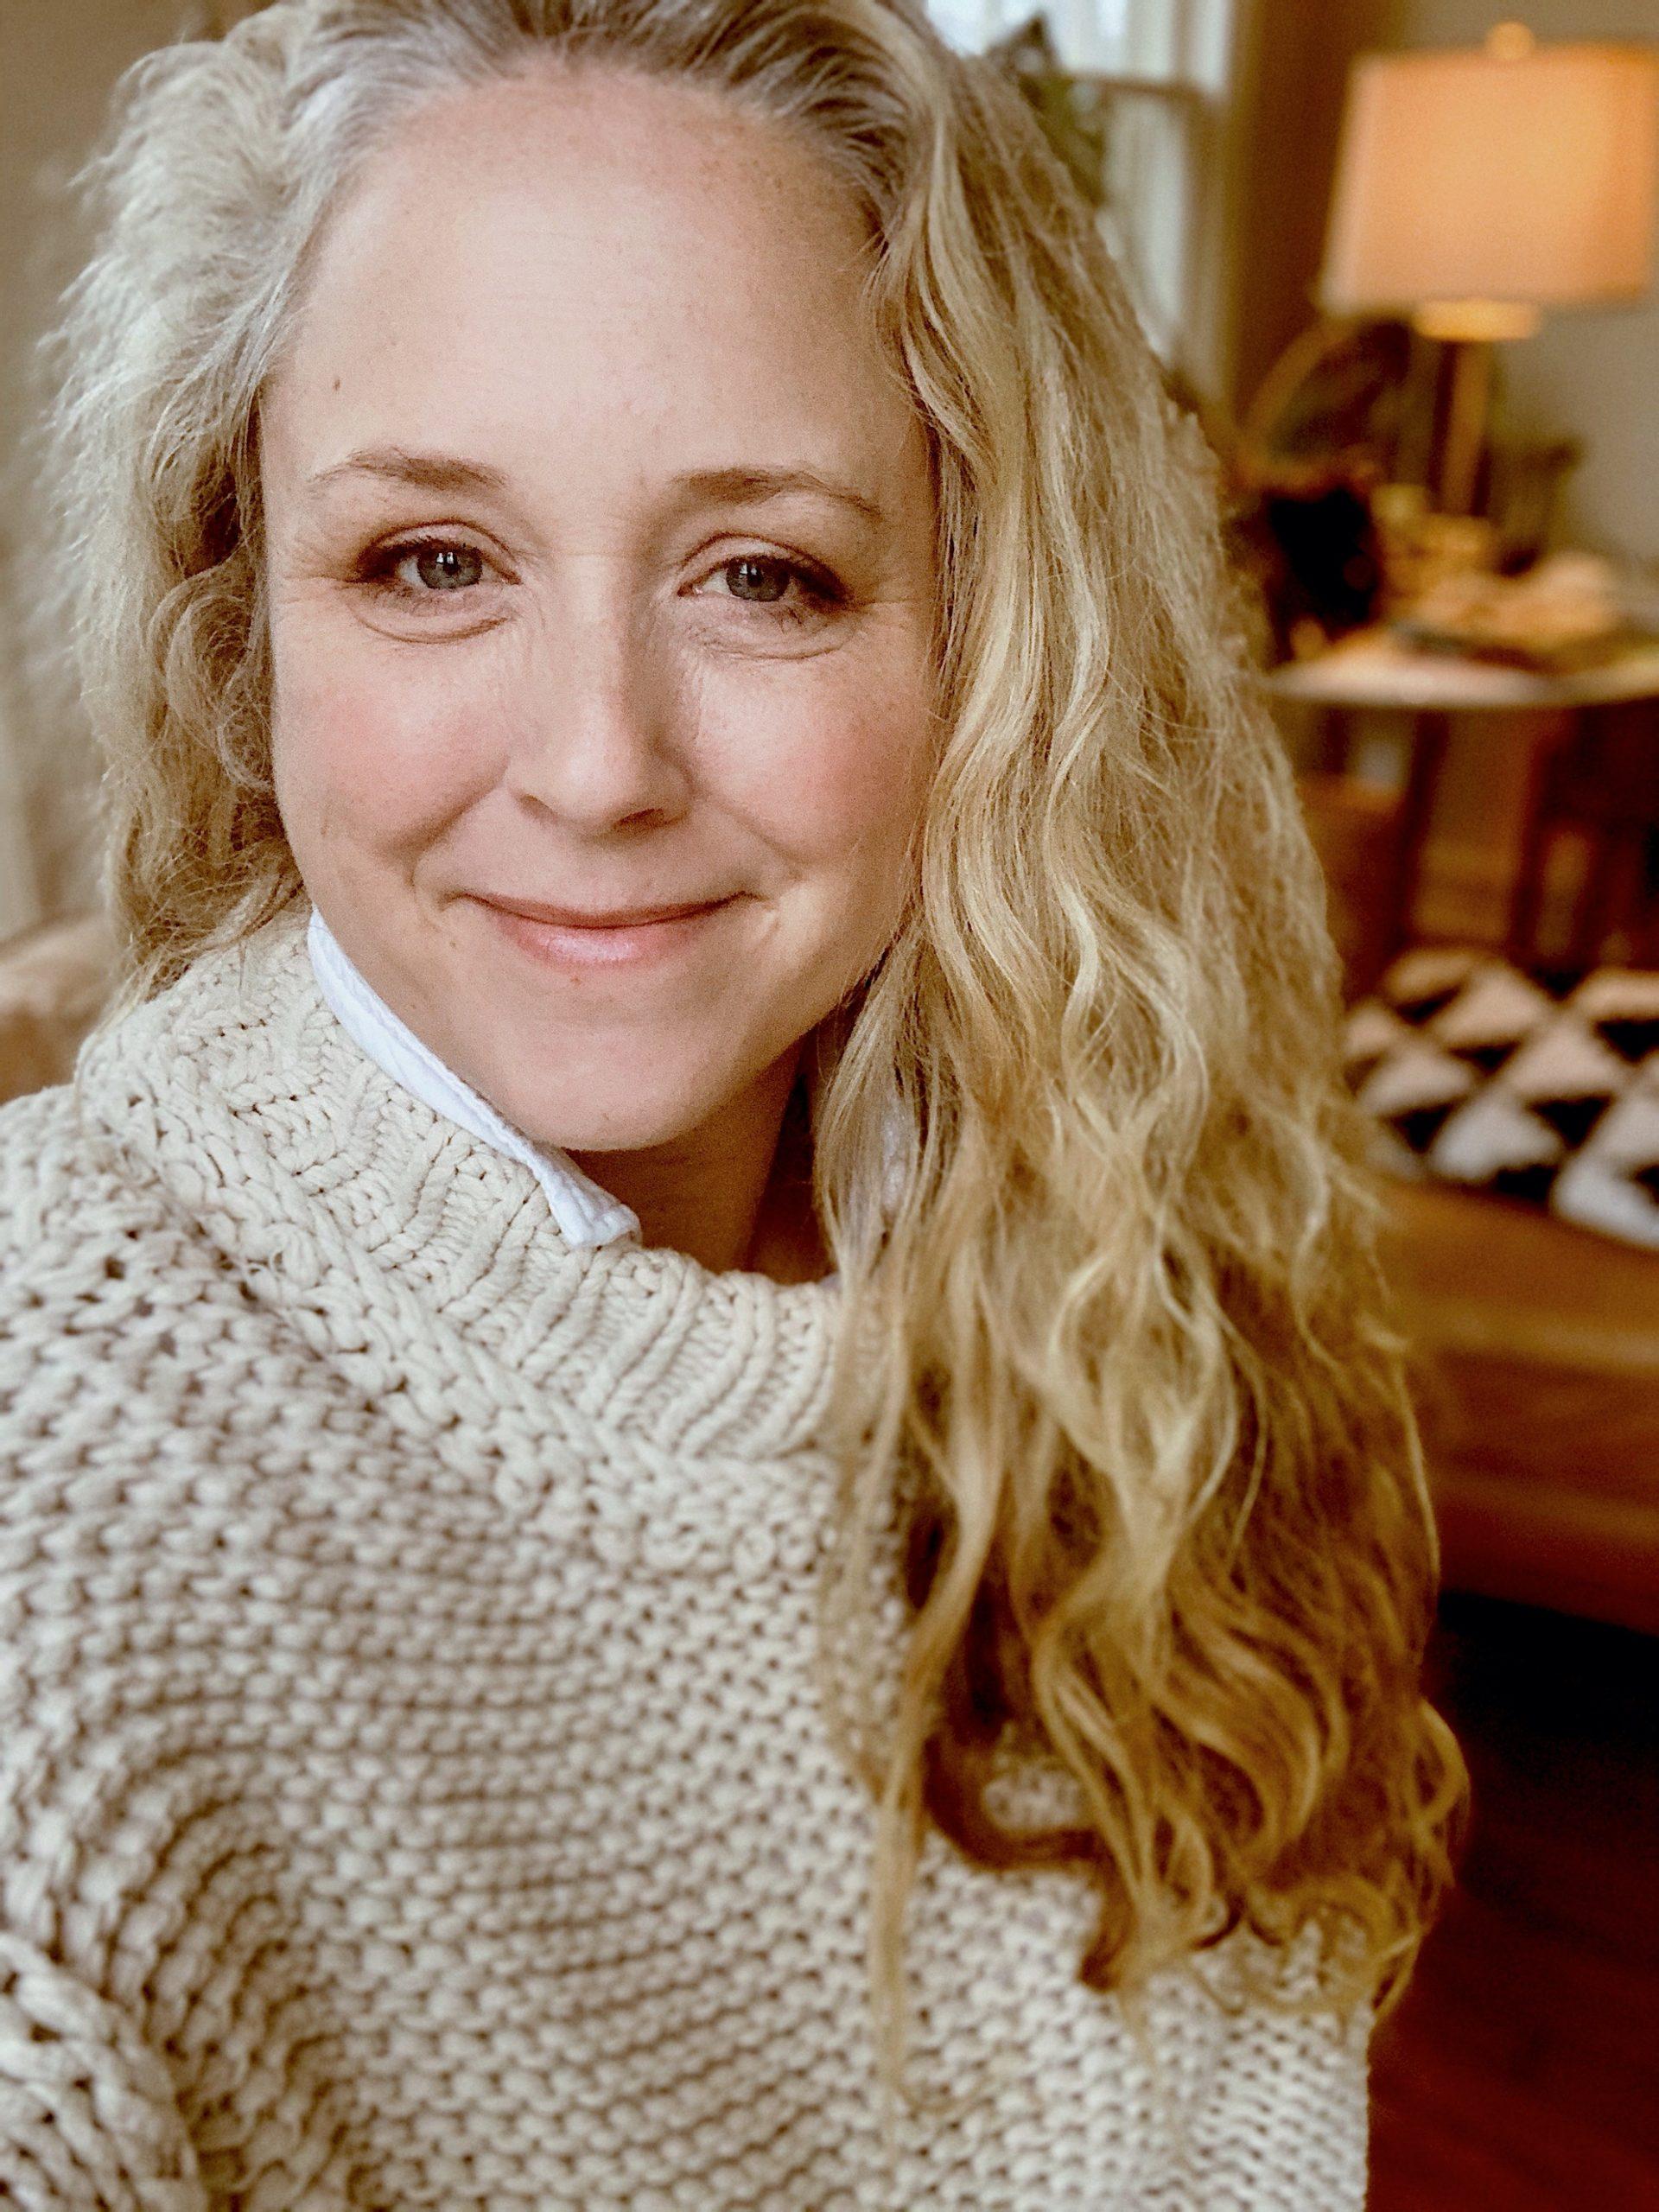 Danielle David profile picture